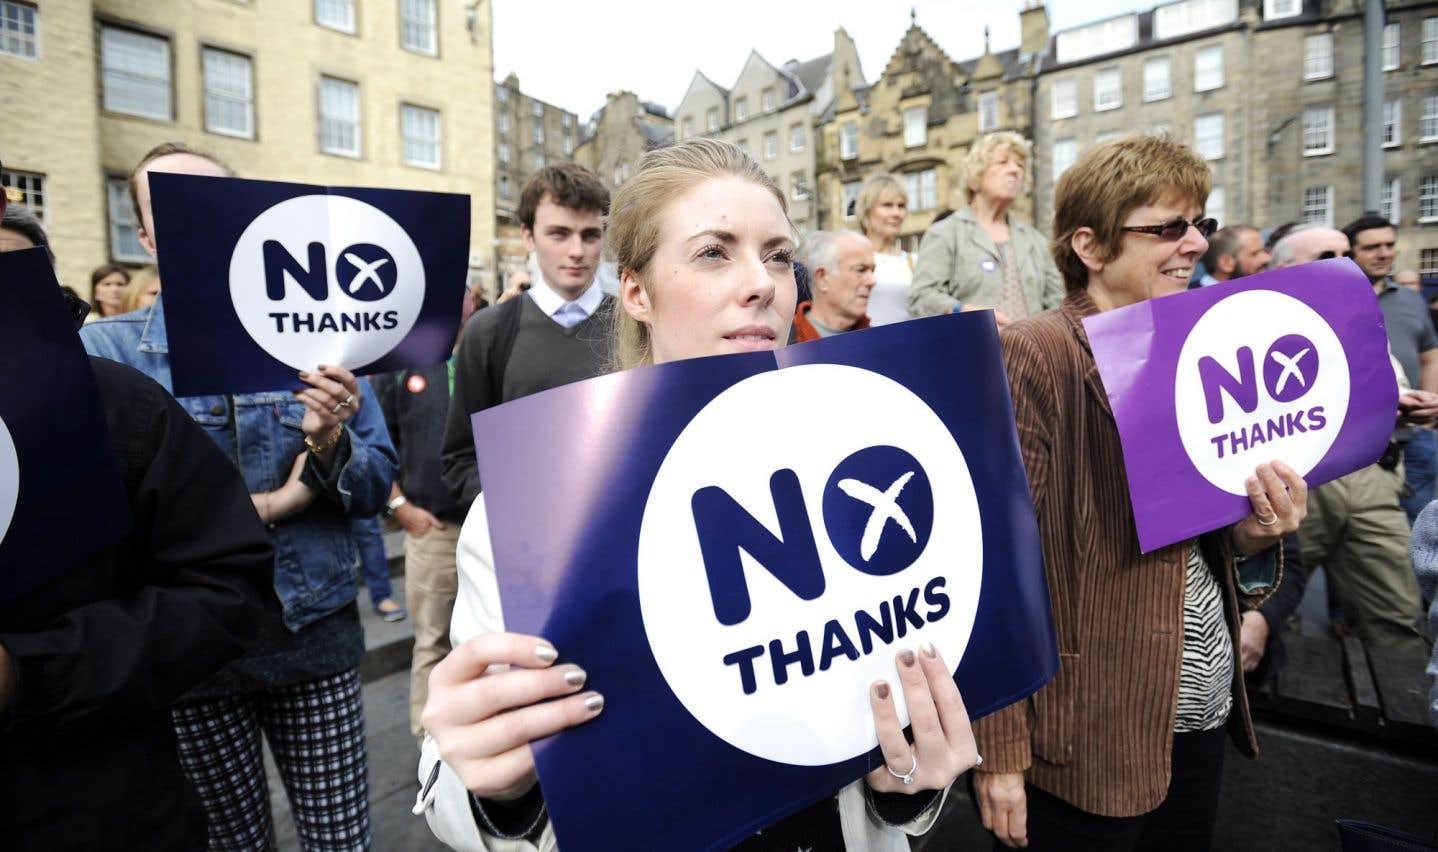 La campagne de Better Together, les partisans du camp du Non dans le référendum en Écosse, s'appuie largement sur l'idée du désastre potentiel: qu'arrivera-t-il à nos emplois? Qu'arrivera-t-il au sujet de l'accès aux universités britanniques?